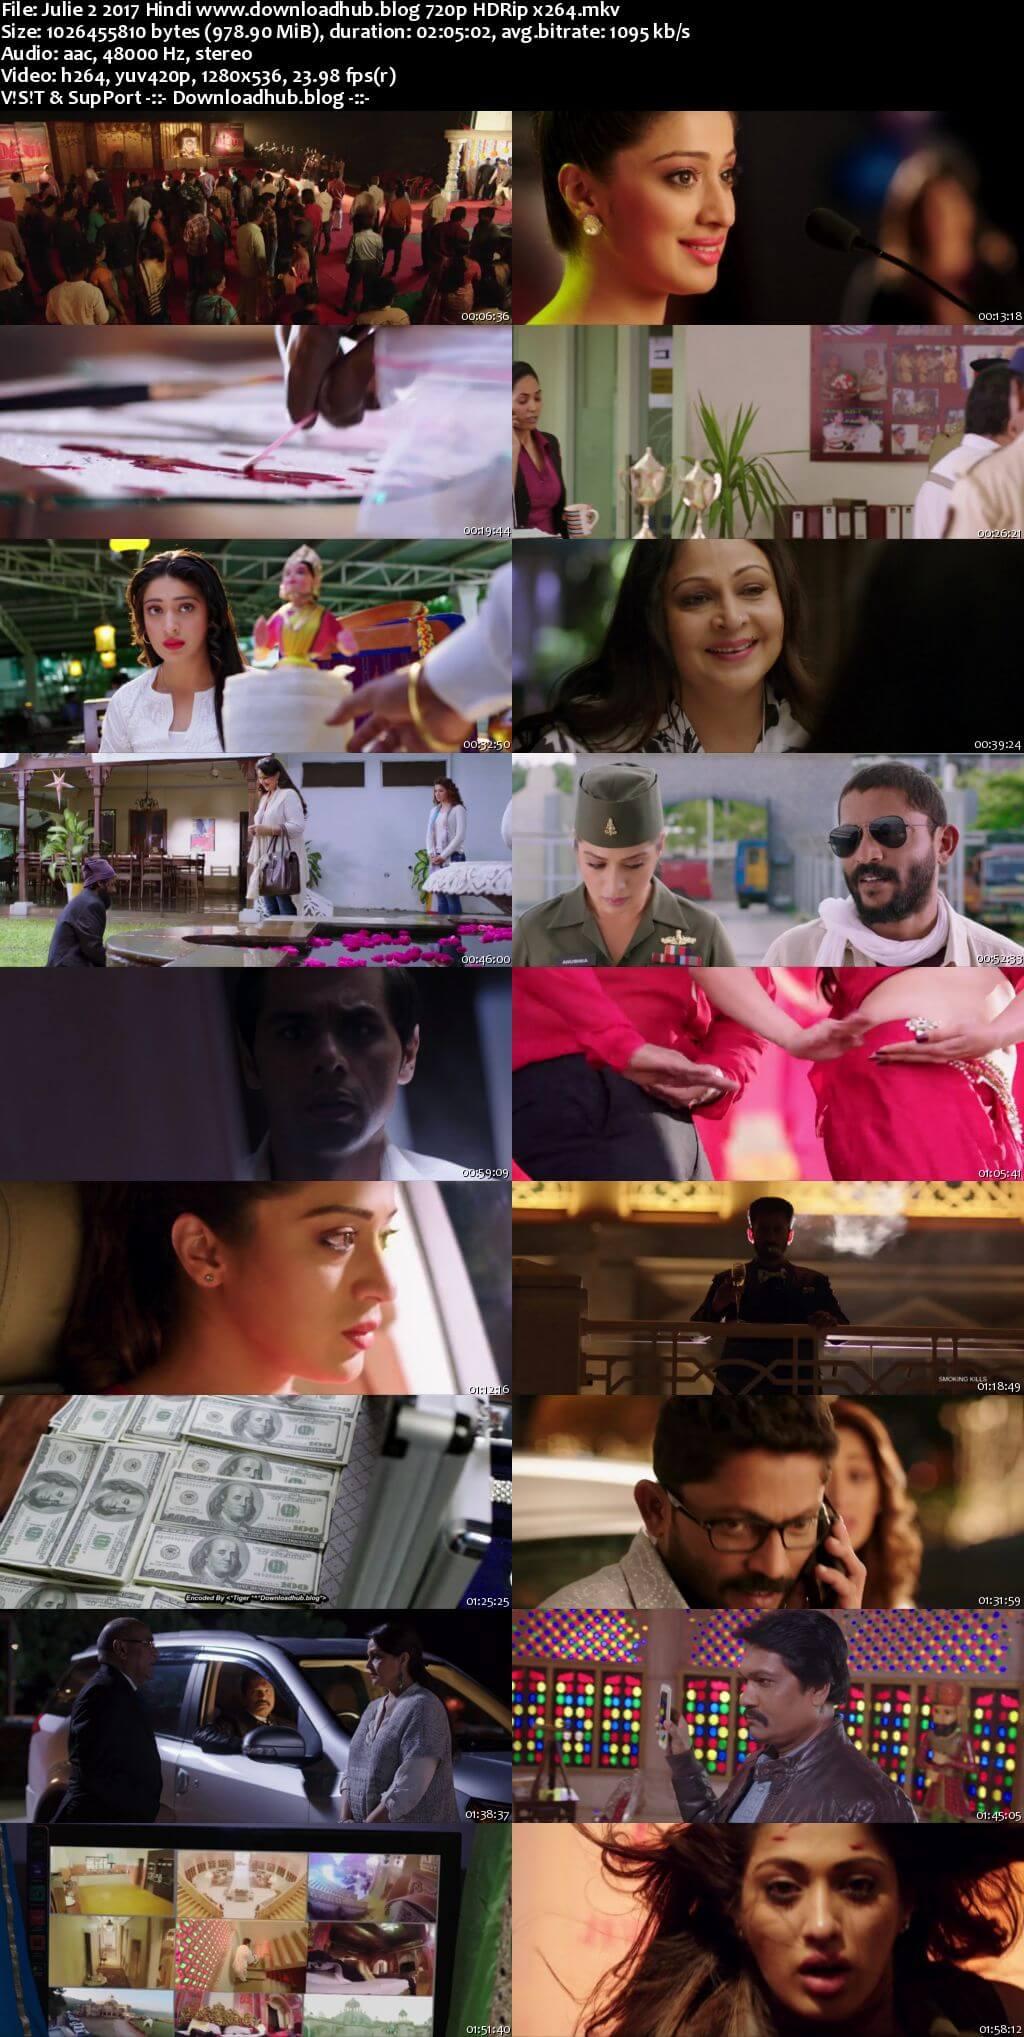 Julie 2 2017 Hindi 720p HDRip x264